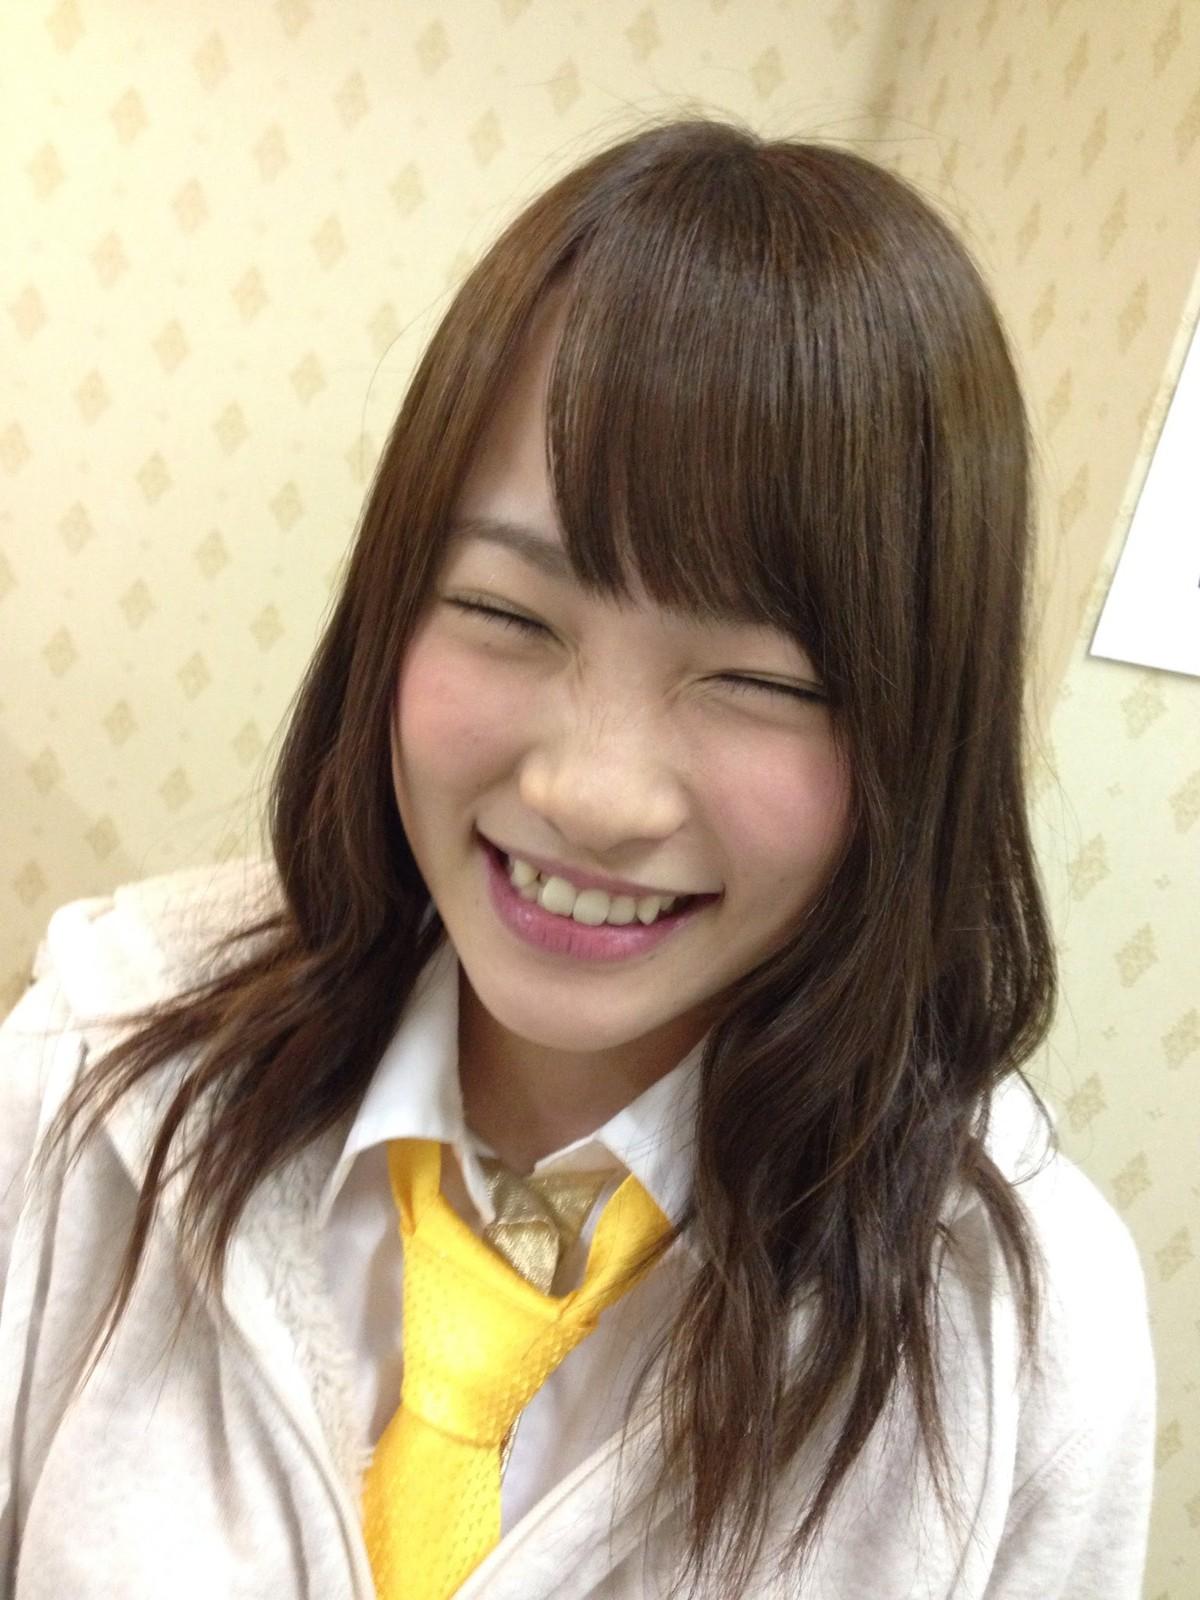 NAVER まとめ【AKB48】 川栄李奈 画像